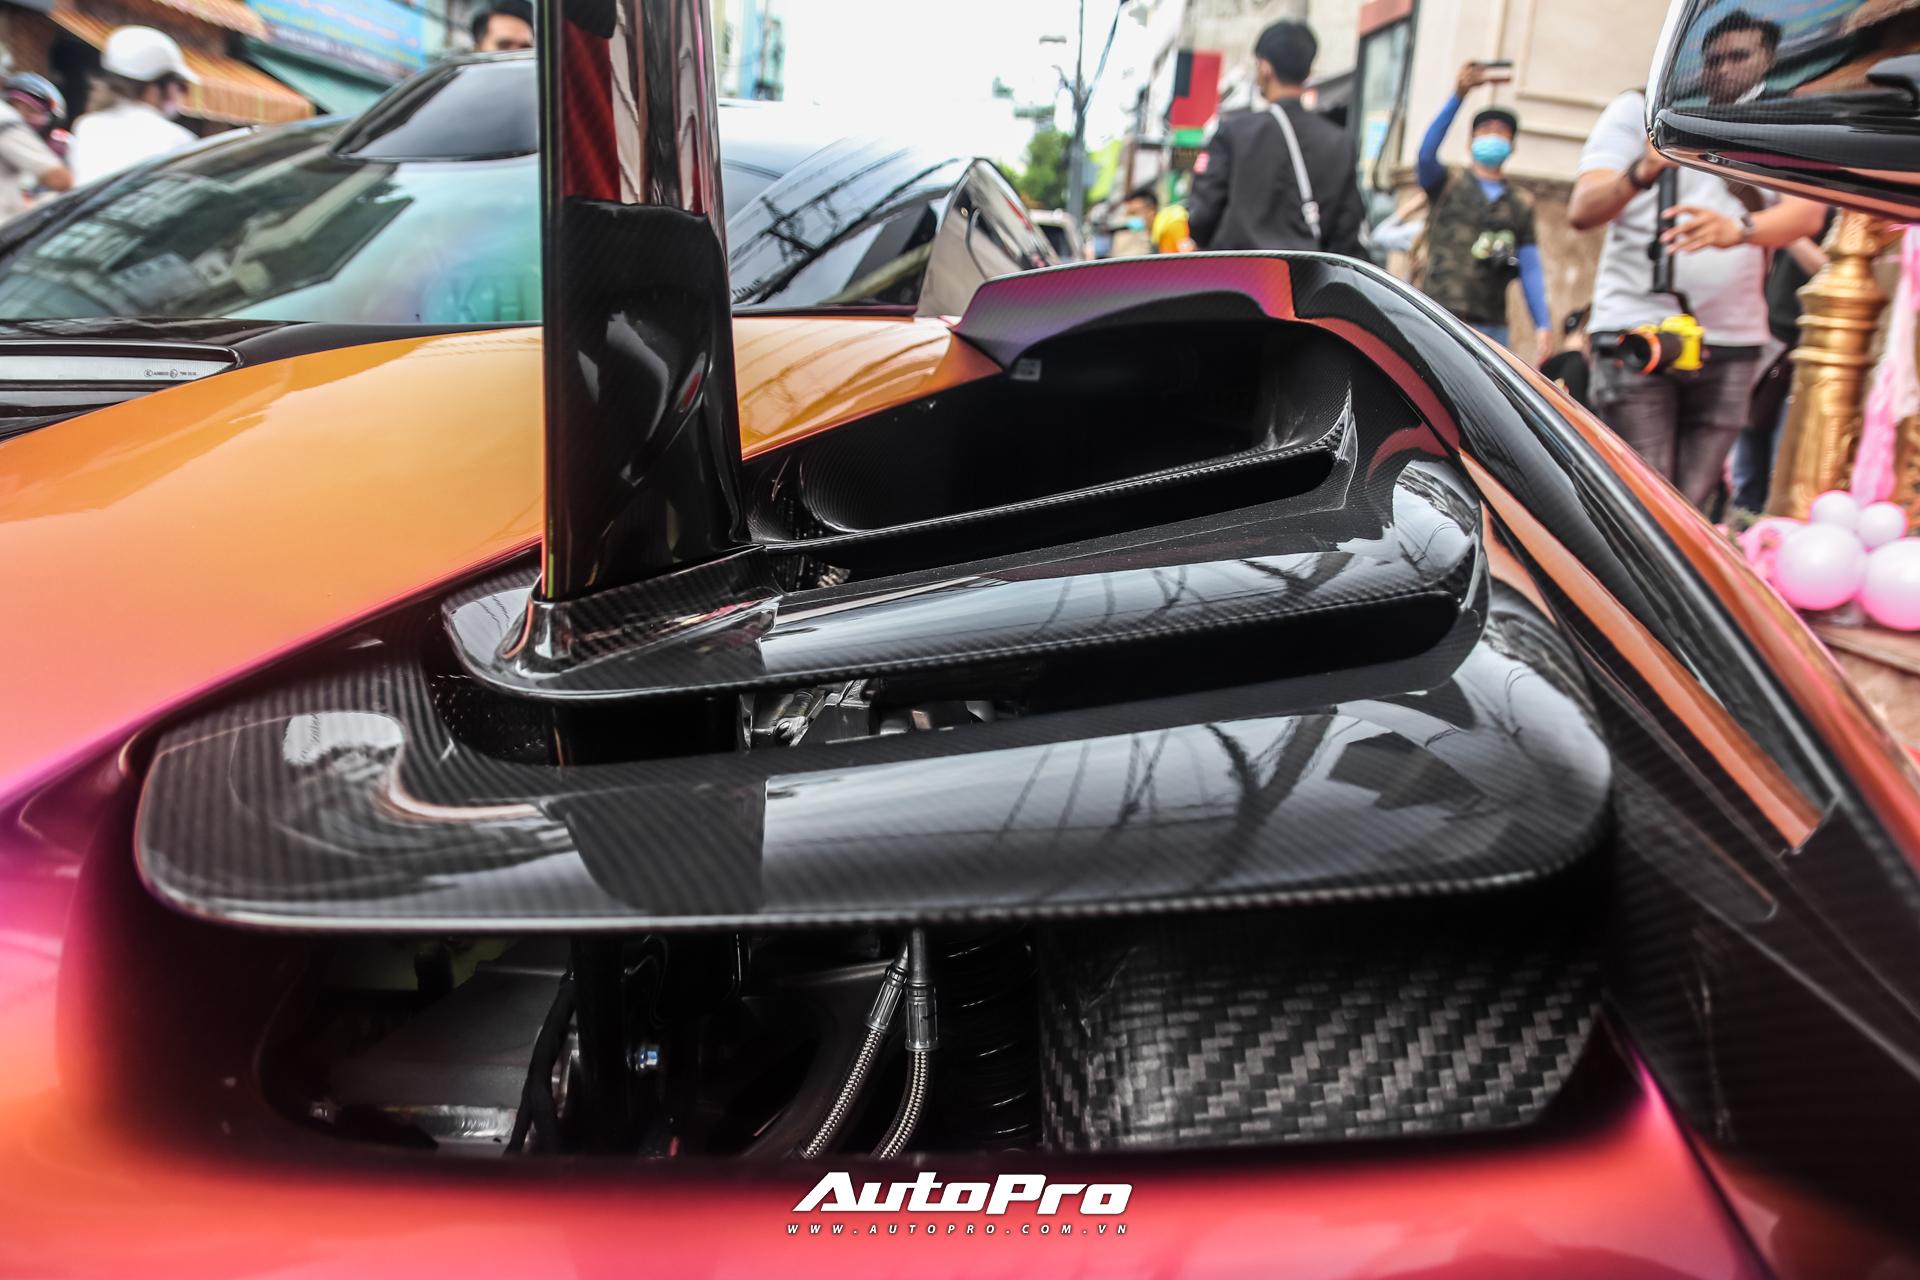 Một số chi tiết thân xe sử dụng chất liệu carbon cũng đều được đặt hàng riêng. Chiếc xe này sử dụng bộ vành 9 chấu đơn, sơn đen bóng và ẩn bên dưới là cùm phanh màu vàng. Đĩa phanh dạng gốm carbon hiệu suất cao cũng xuất hiện trên siêu phẩm này.